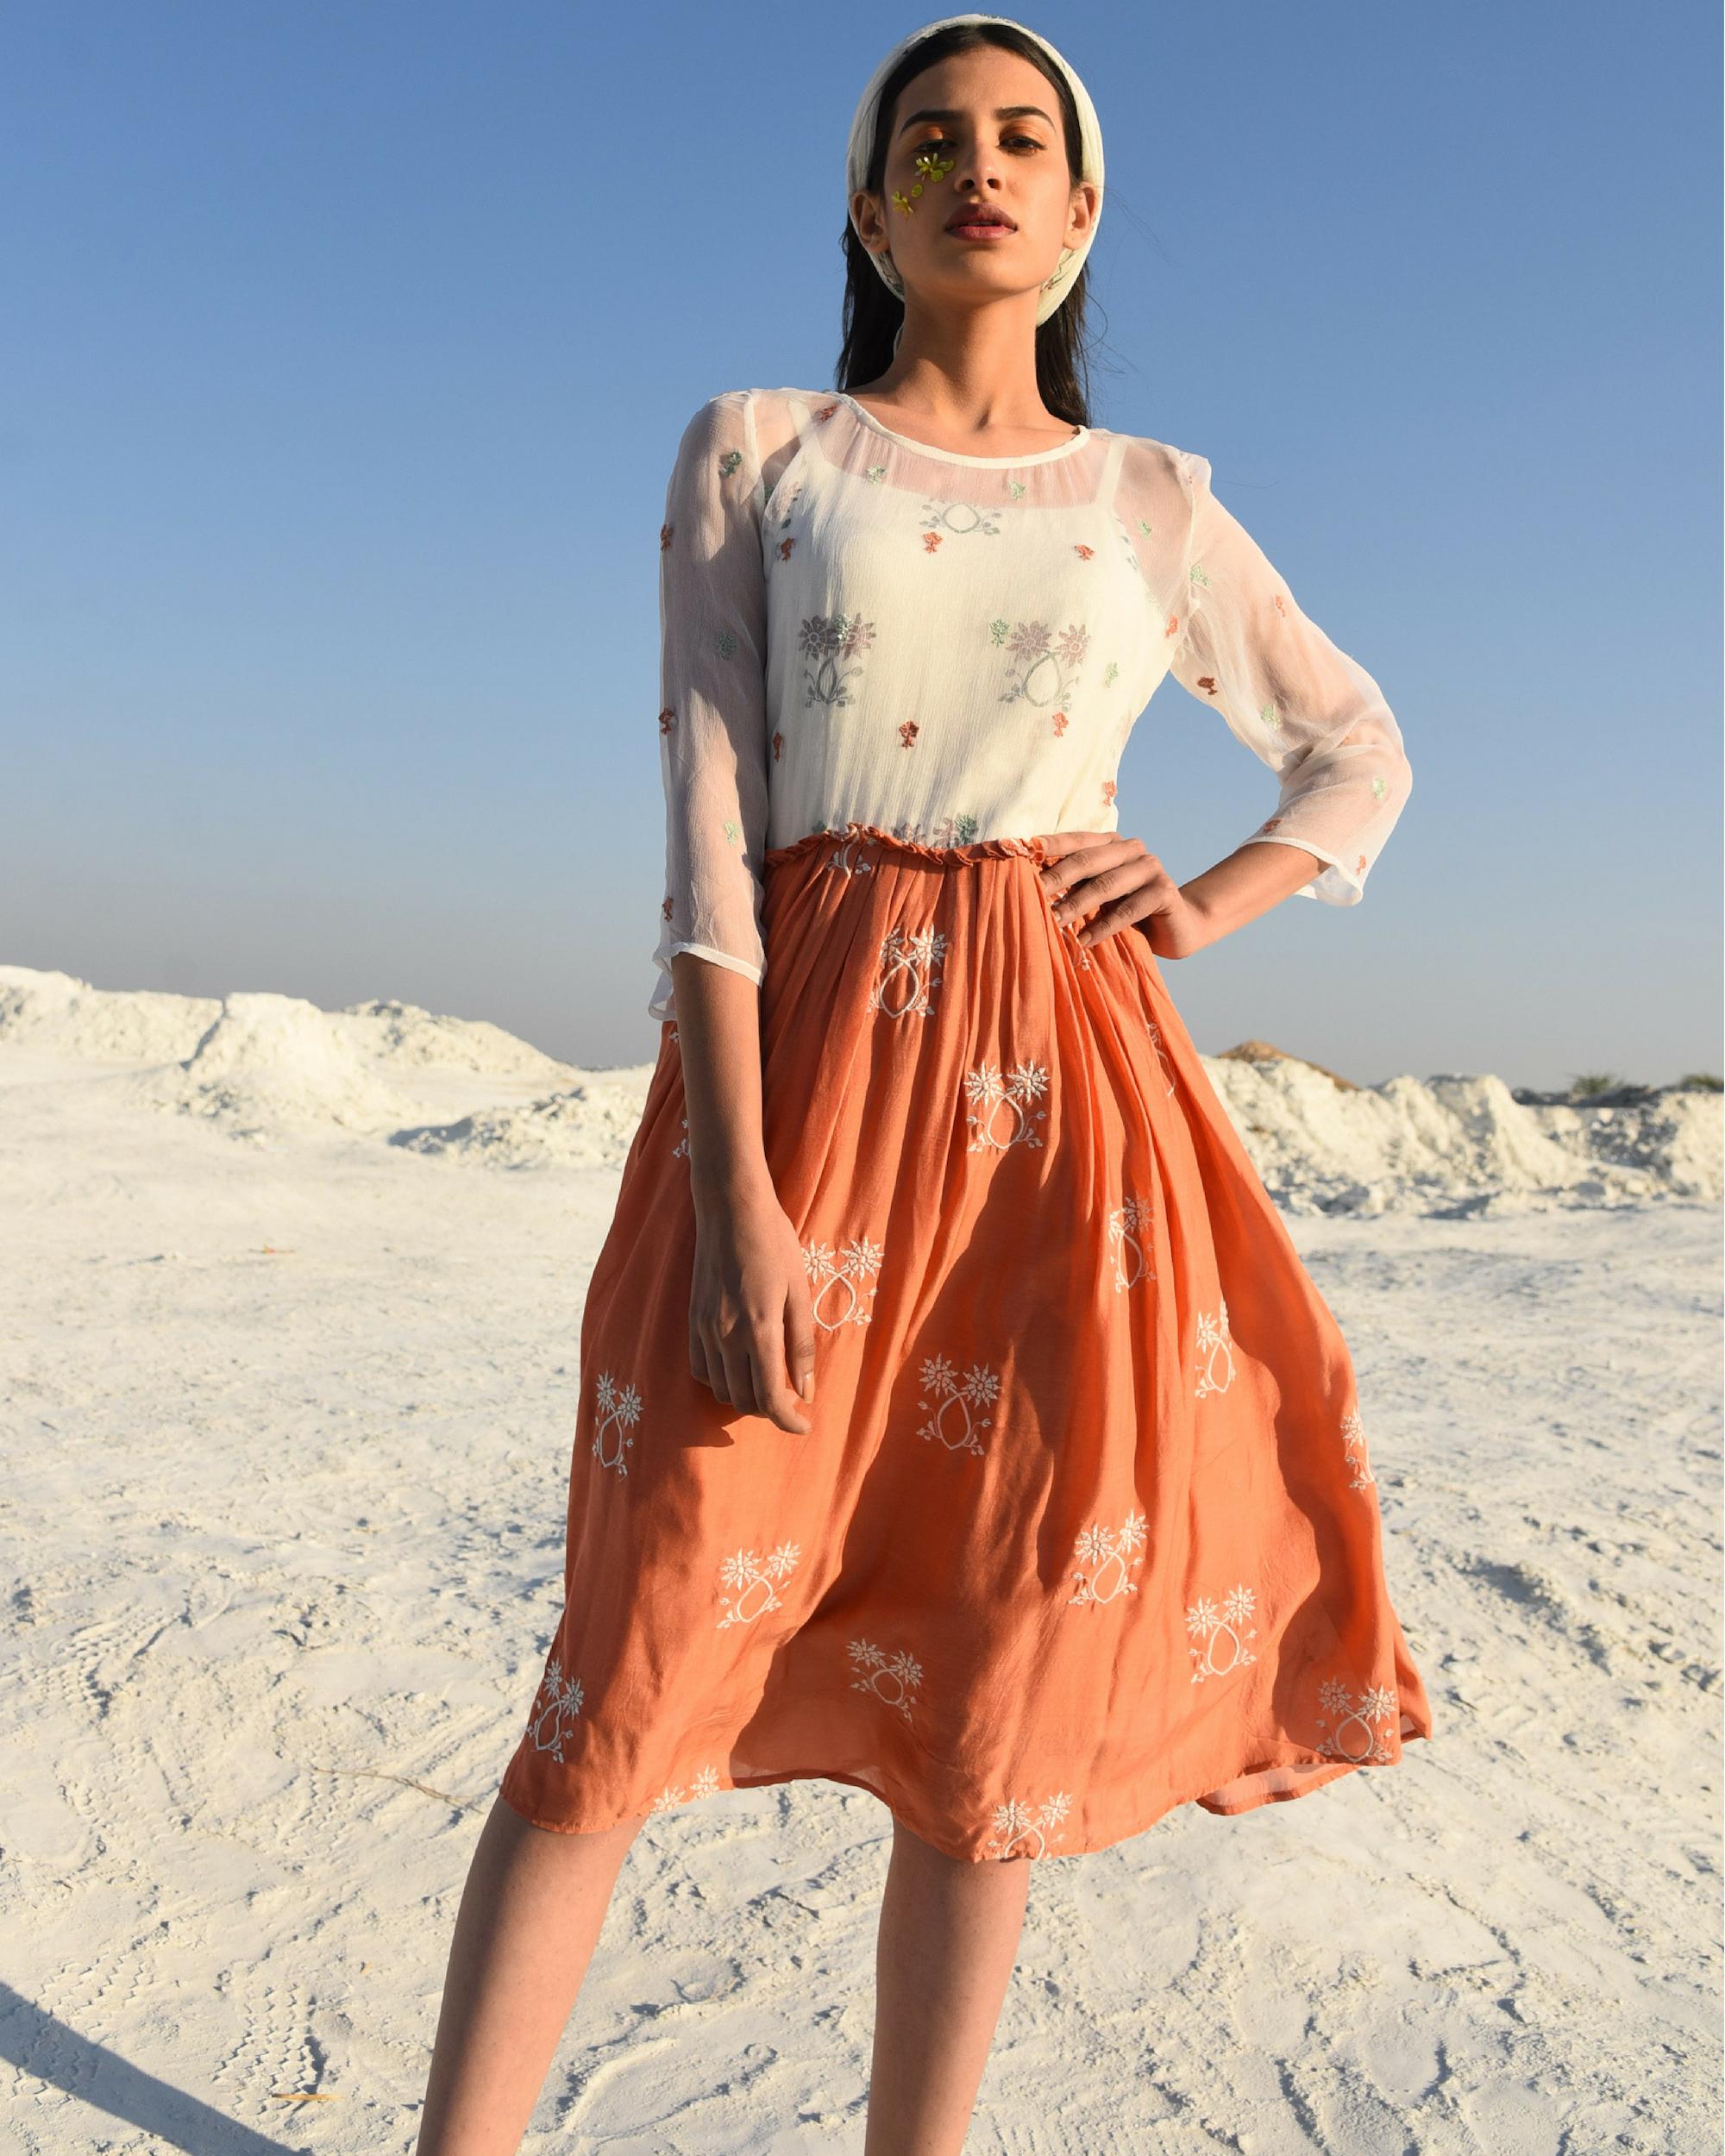 Gathered rusty muslin dress